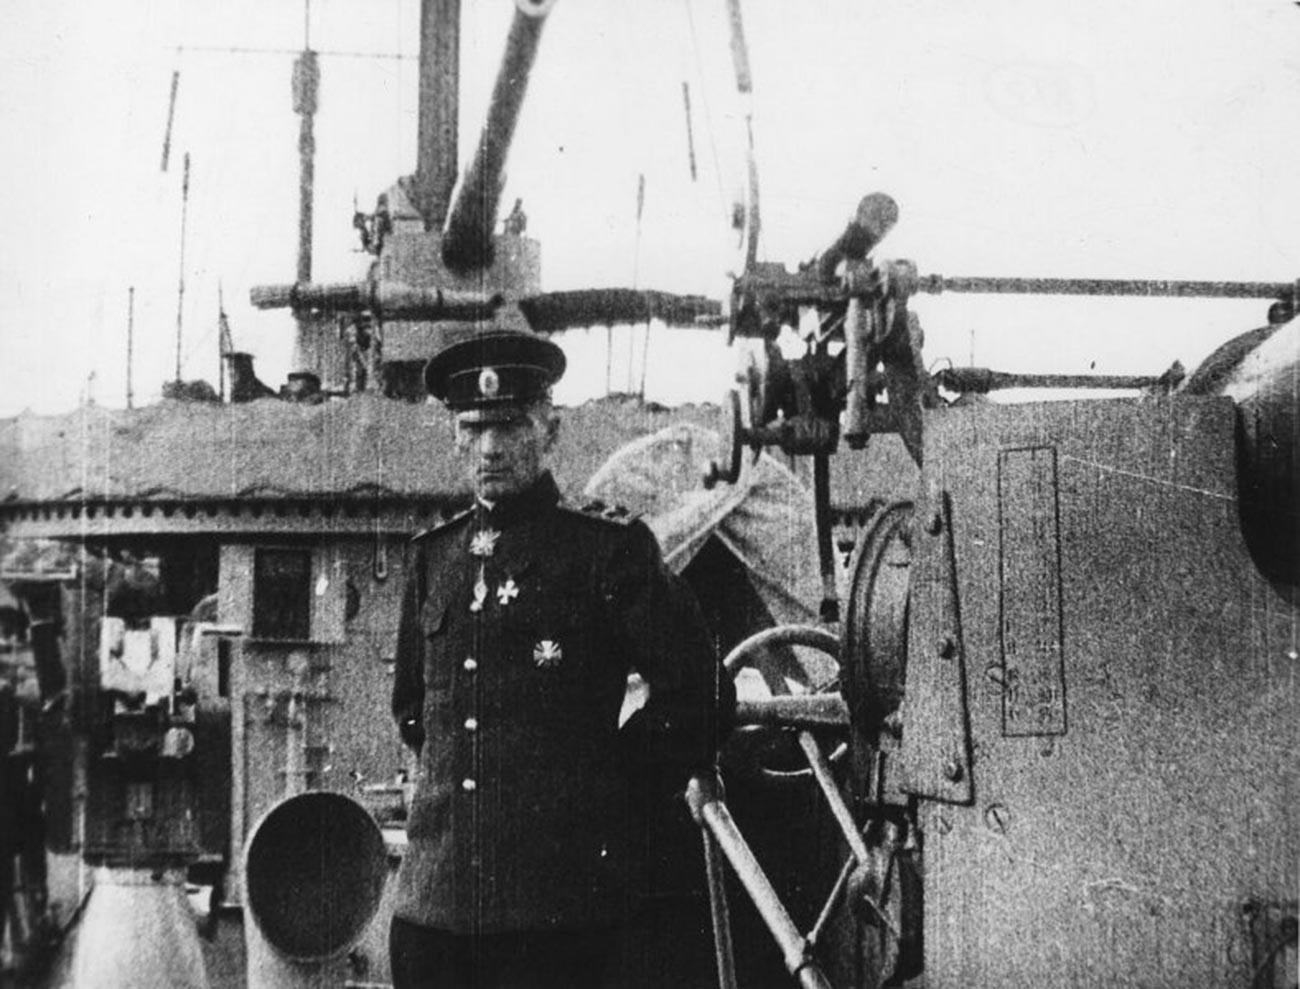 Командант Црноморске флоте Александар Колчак